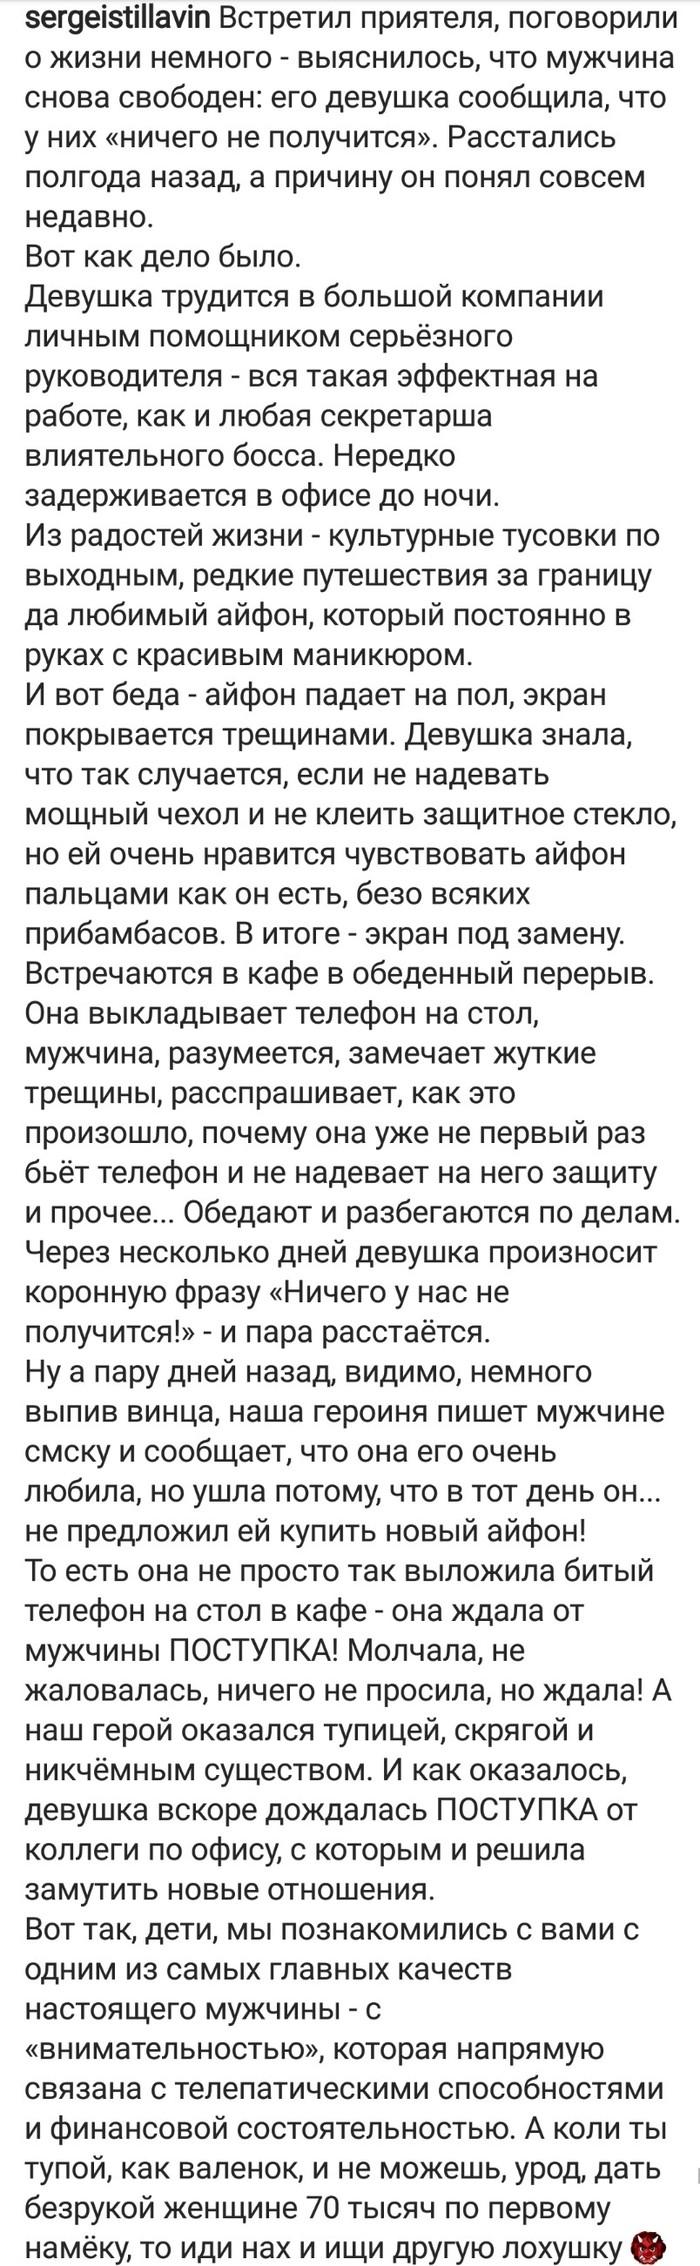 И такое тоже бывает. Мужчины и женщины, Сергей Стиллавин, Инстаграммеры, Новый айфон, Длиннопост